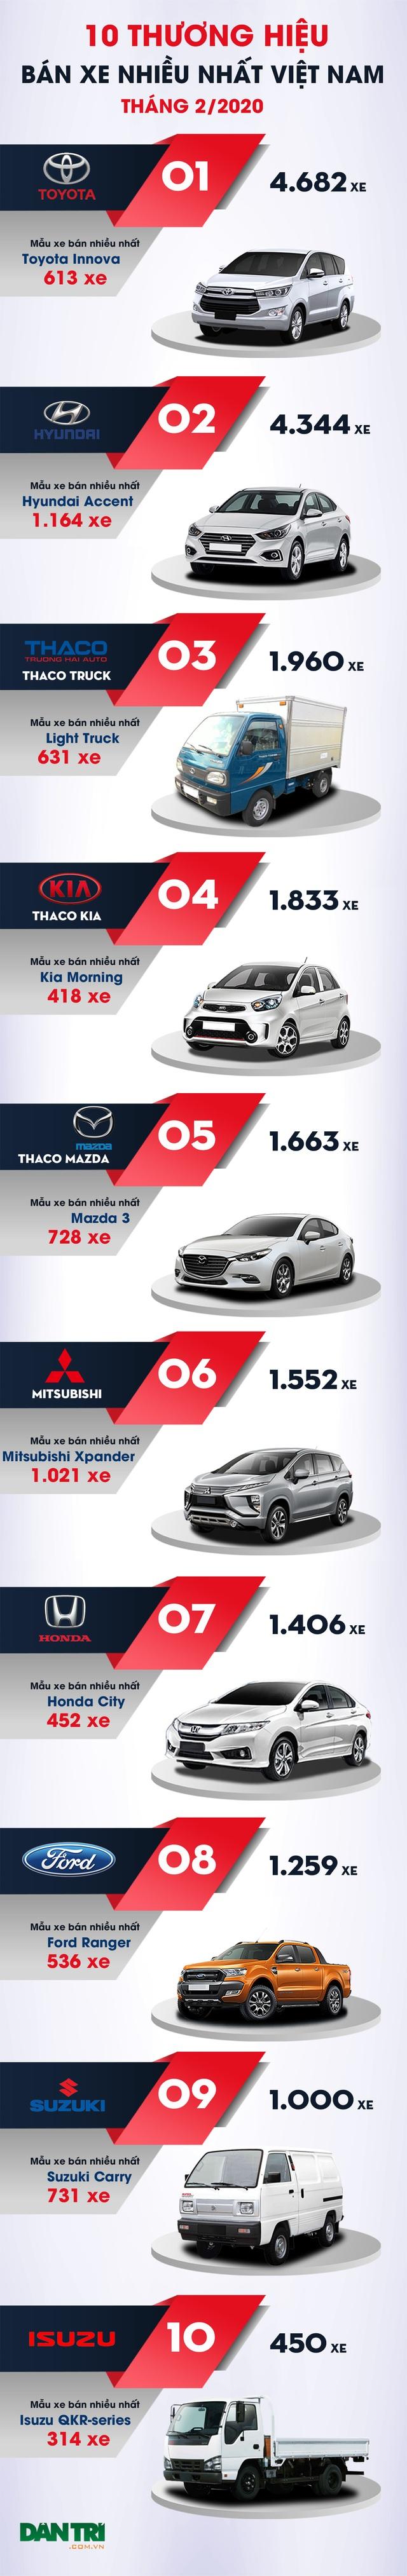 10 thương hiệu bán nhiều xe nhất Việt Nam tháng 2/2020 - 3